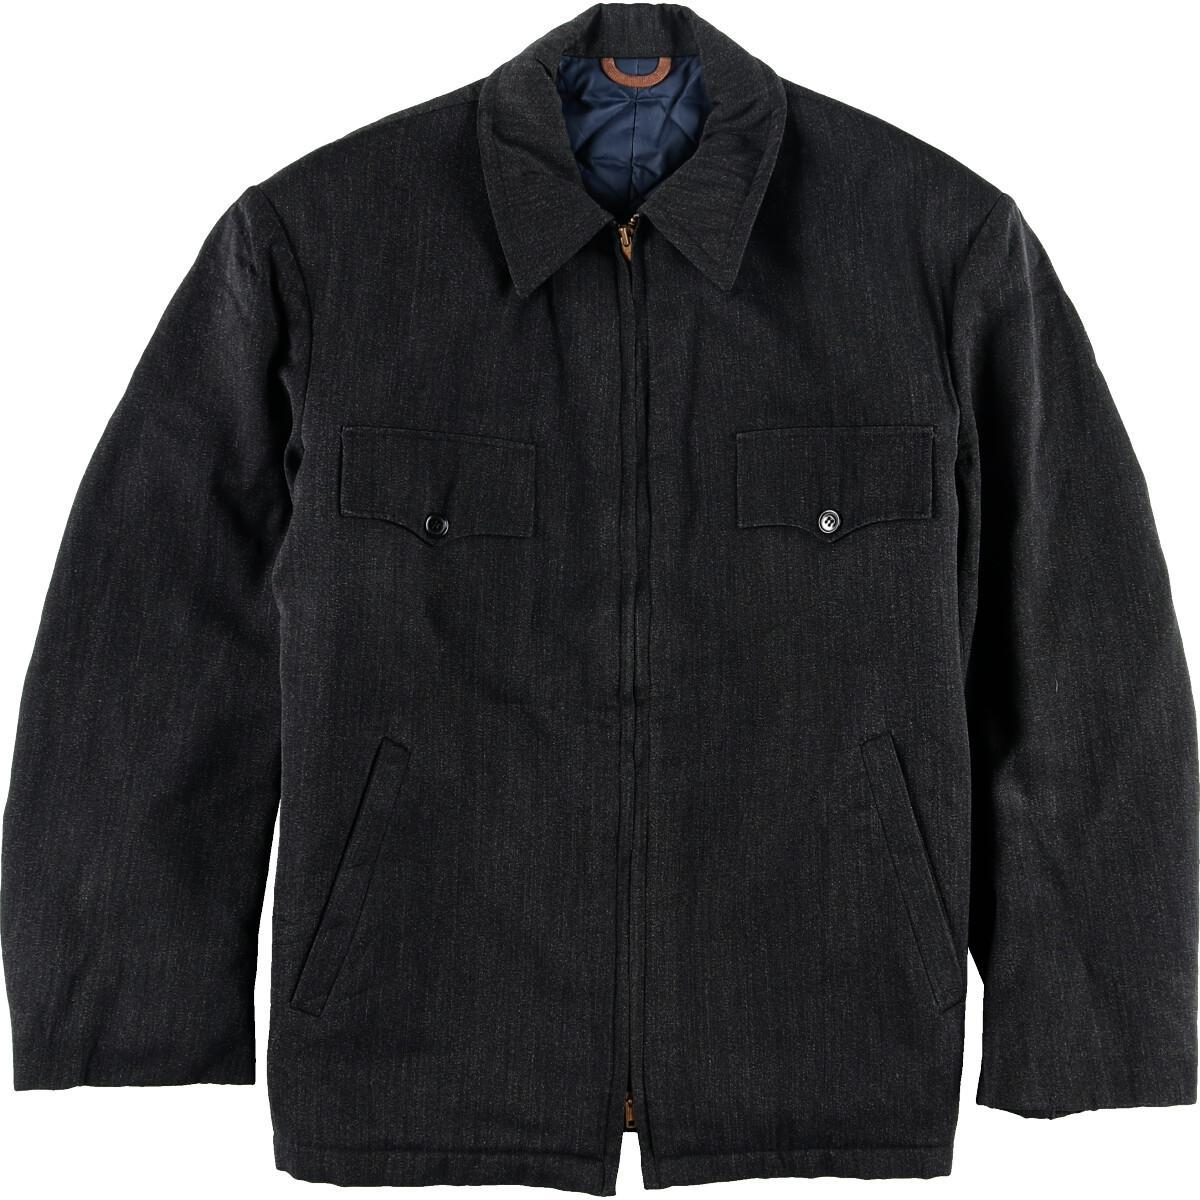 60年代 RUBENS ROYAL Uniforms ごま塩 ウールワークジャケット メンズM ヴィンテージ /wbj3826 【中古】 【191202】【VTG】【ws2001】【CS2001】【PD2001】